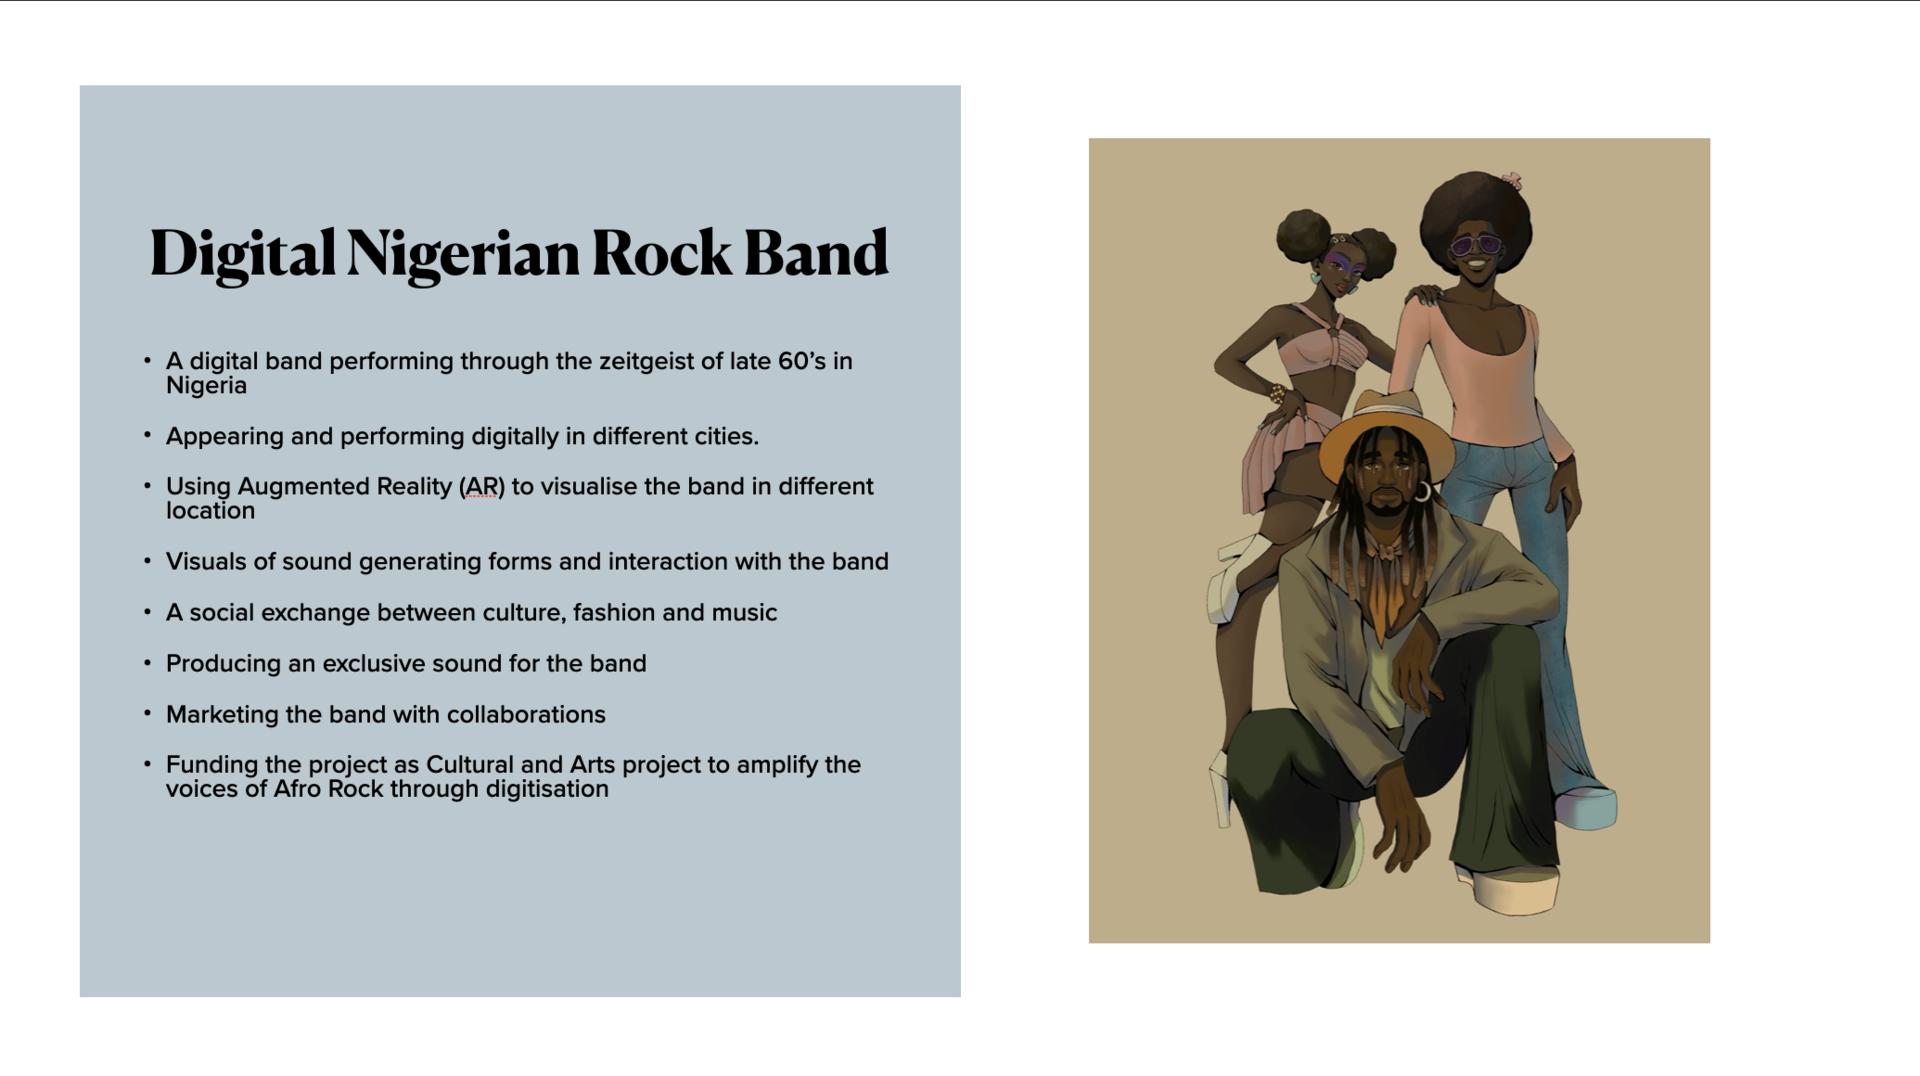 Digital Nigerian Rock Band